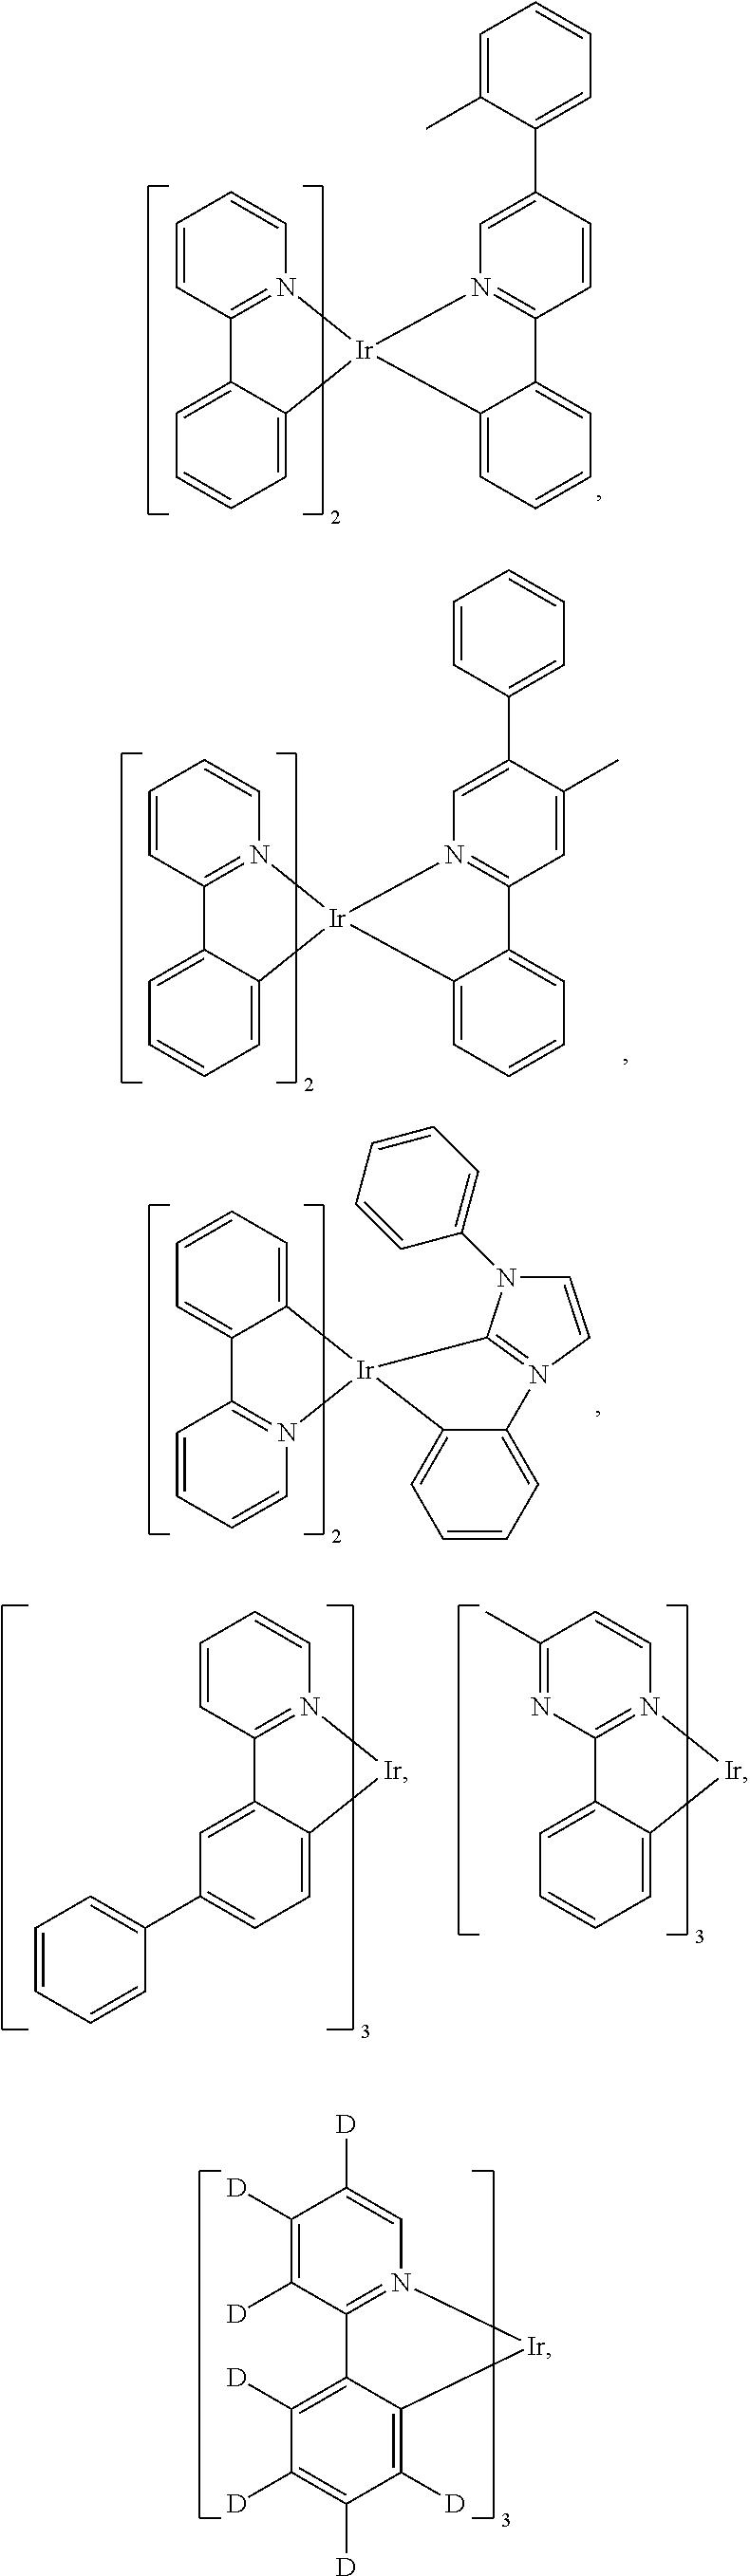 Figure US20180130962A1-20180510-C00178